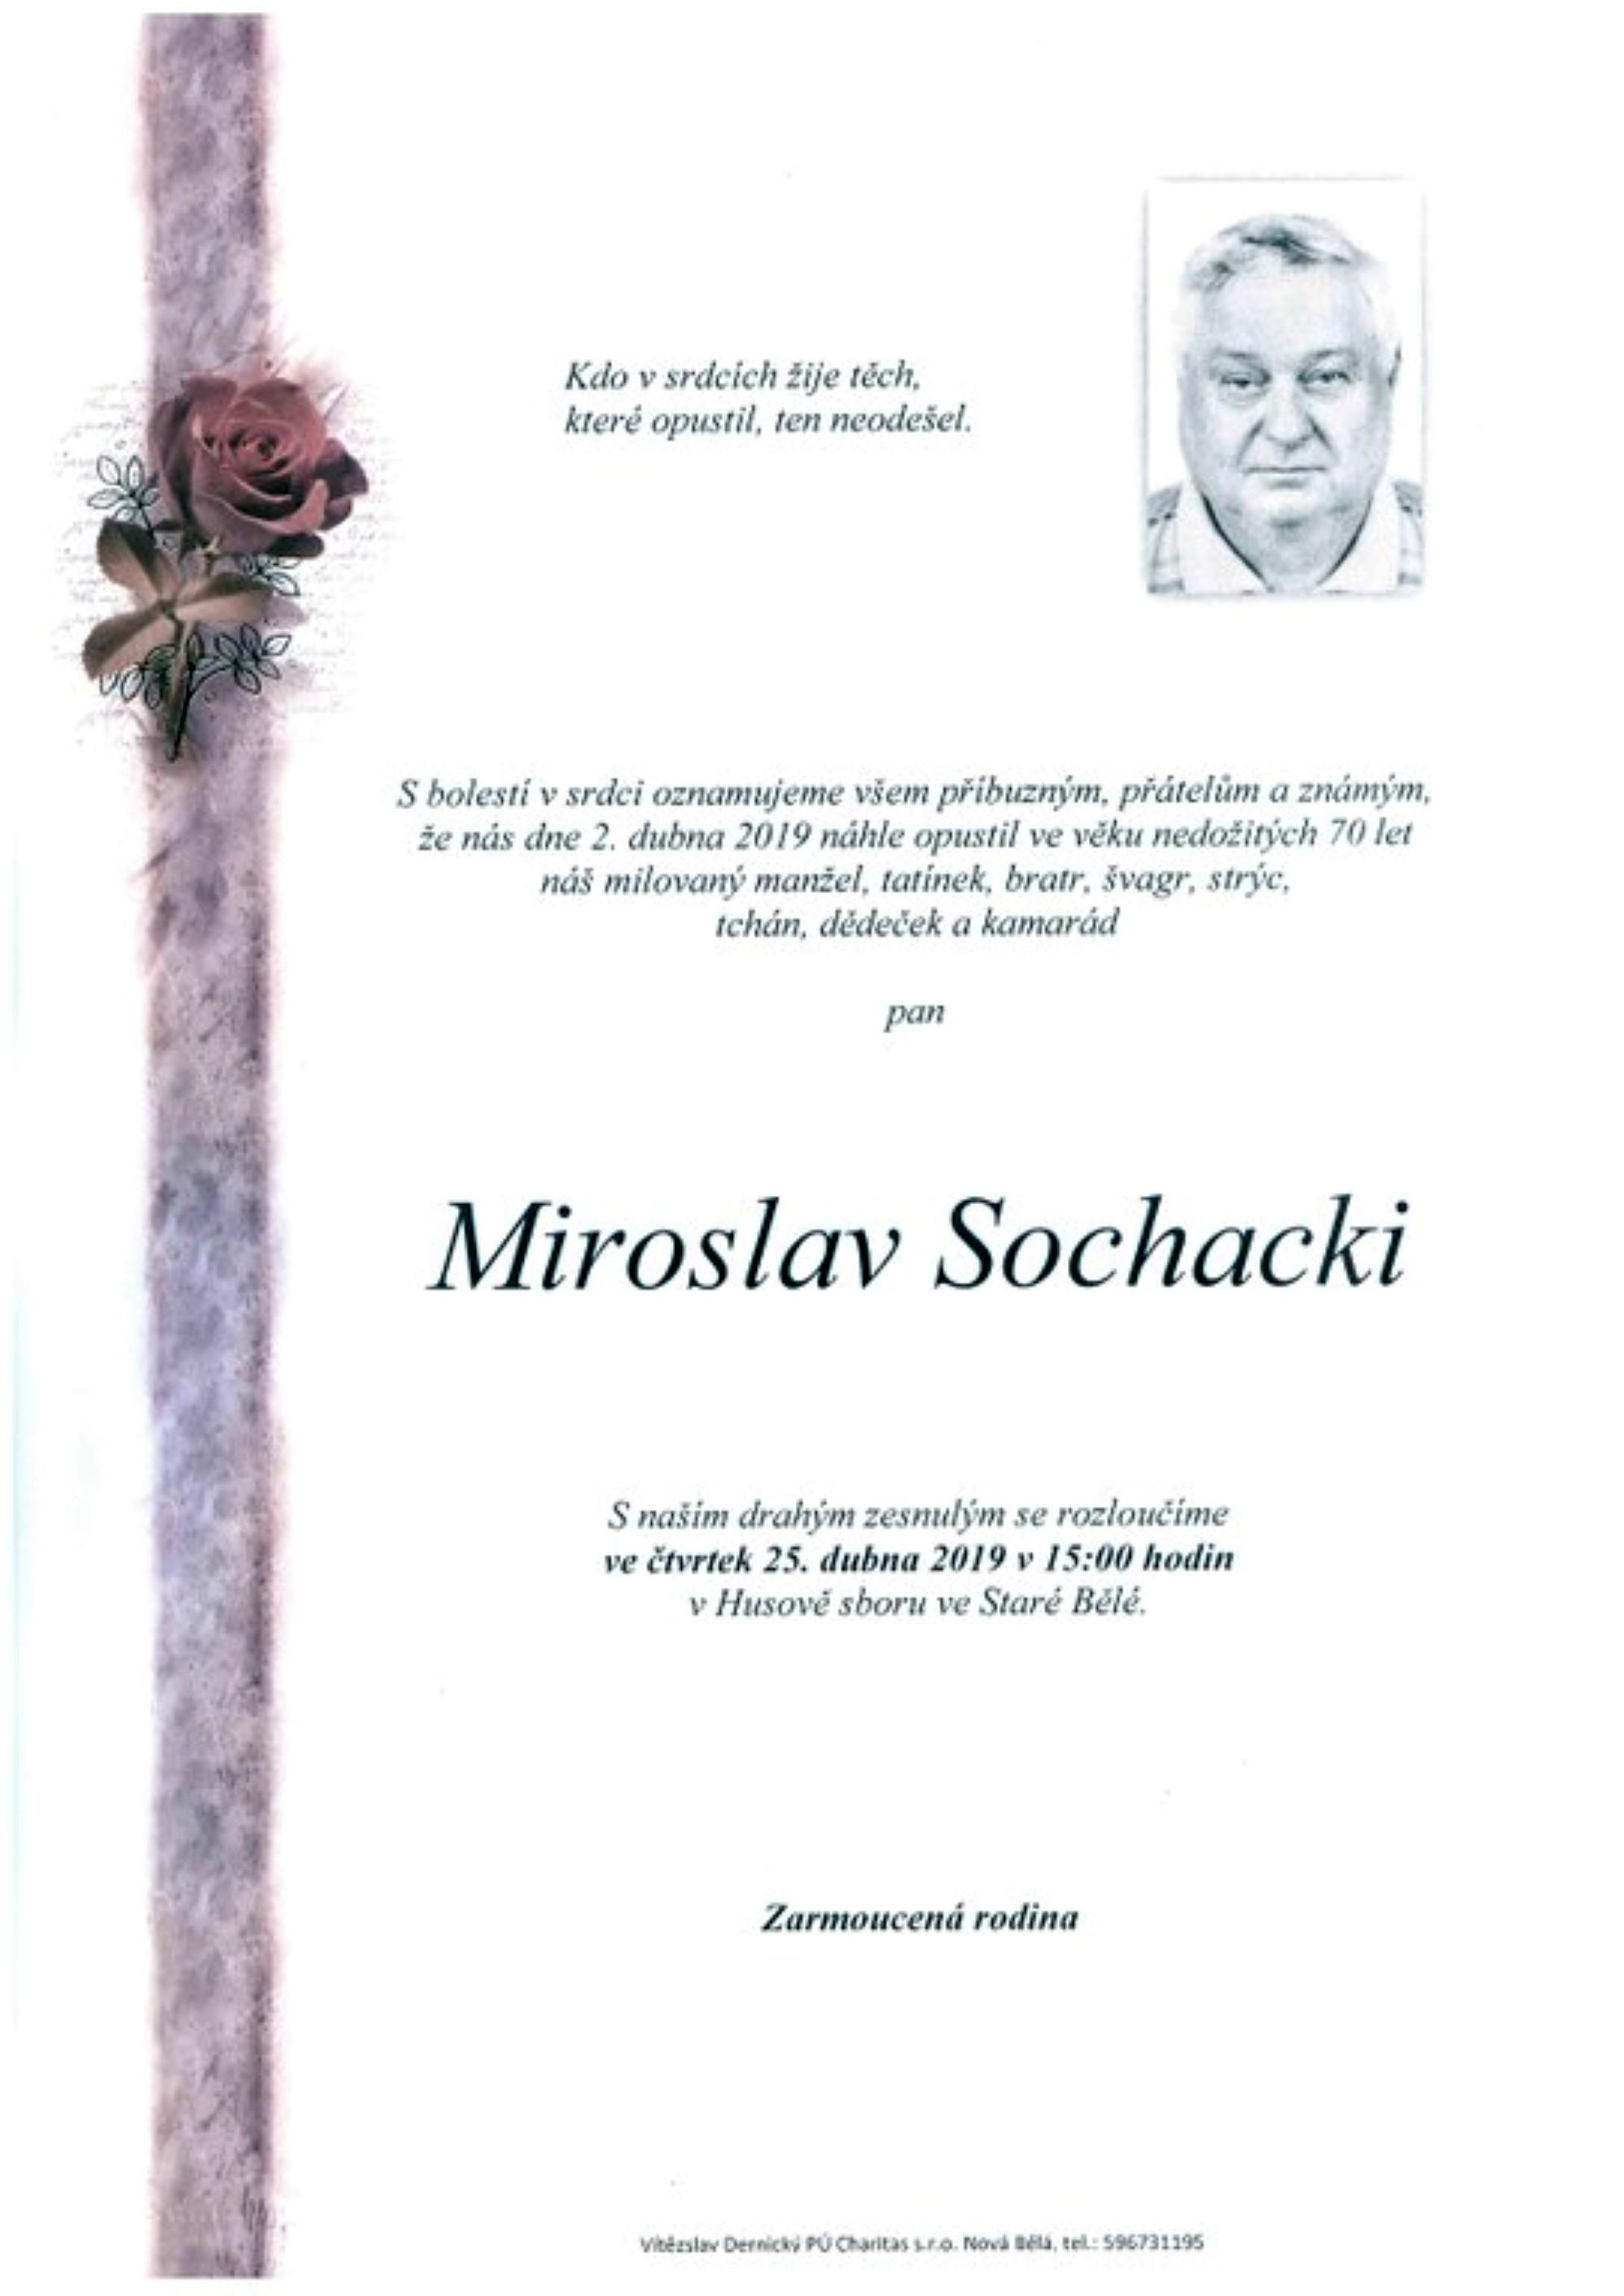 Miroslav Sochacki